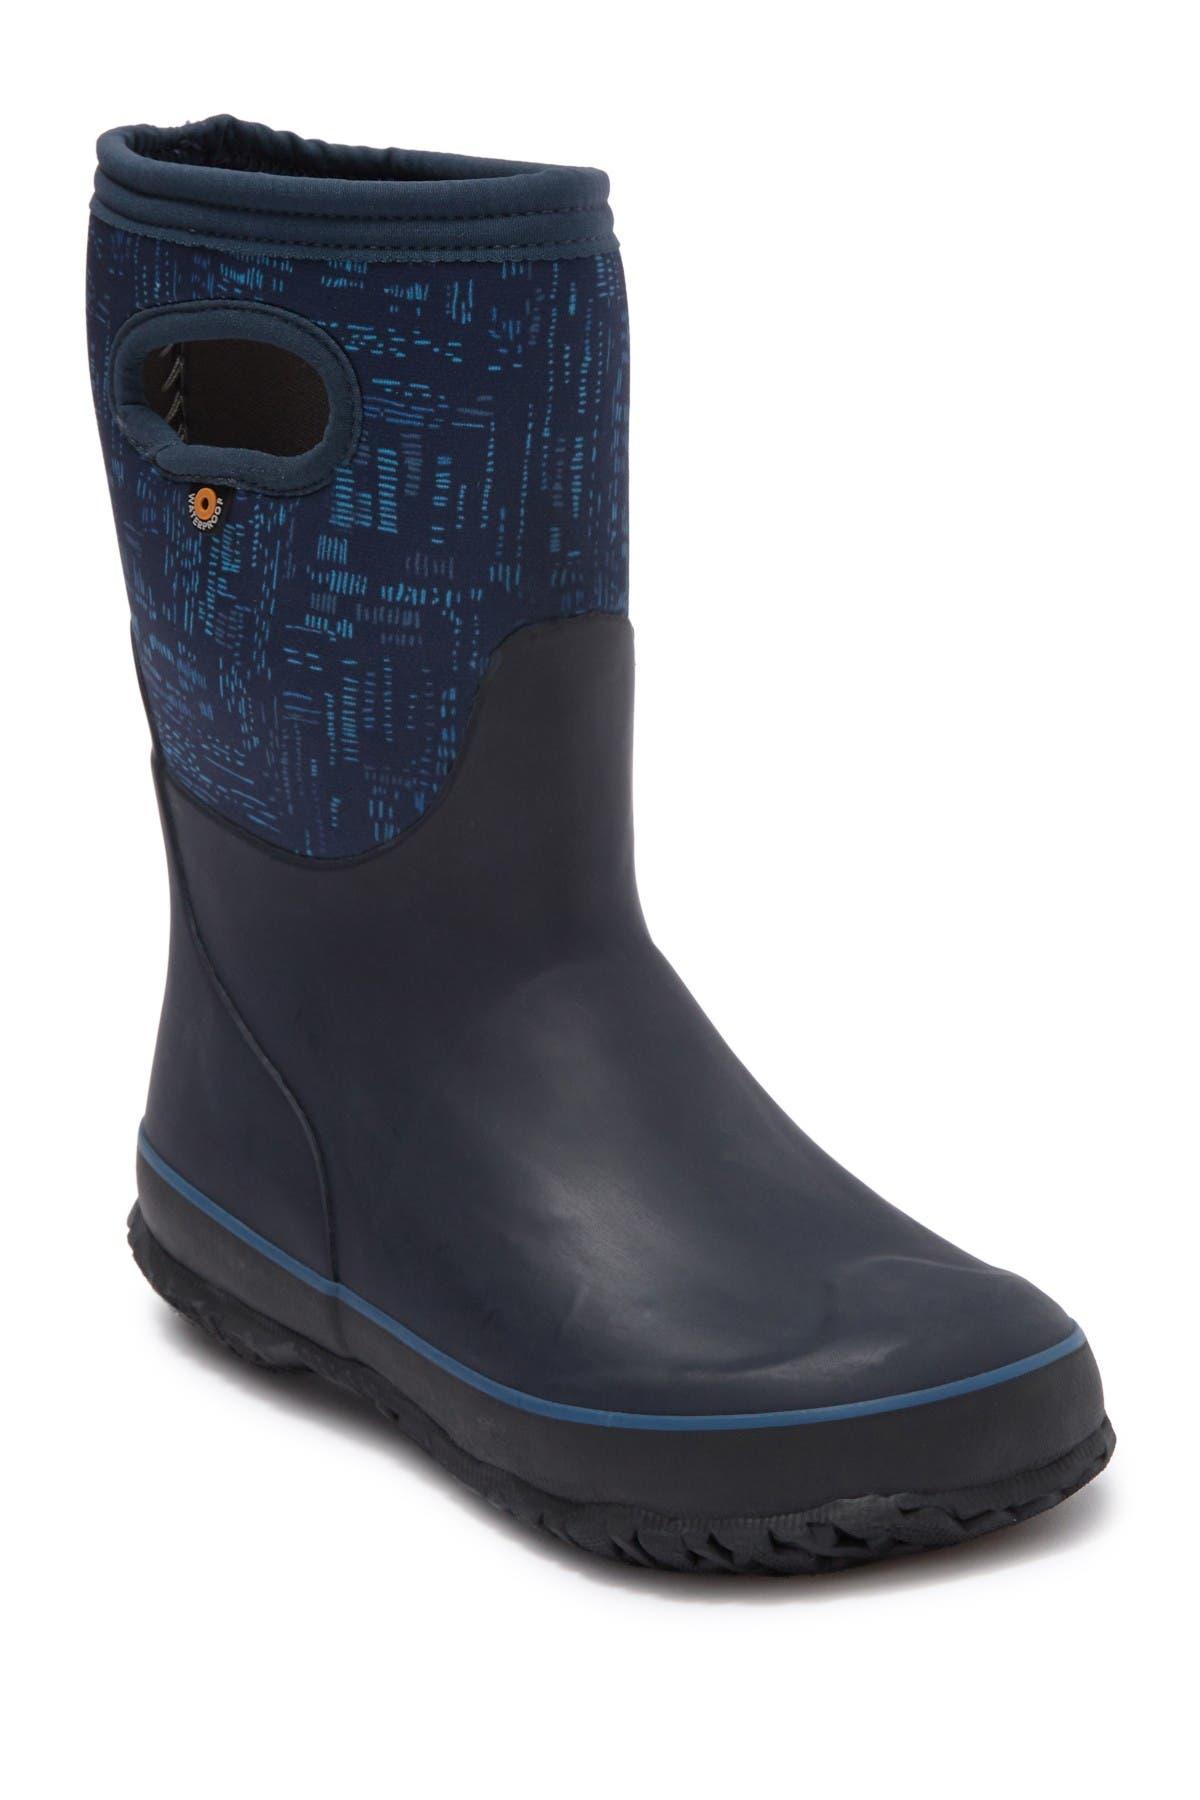 Image of Bogs K Grasp Sparks Waterproof Boot